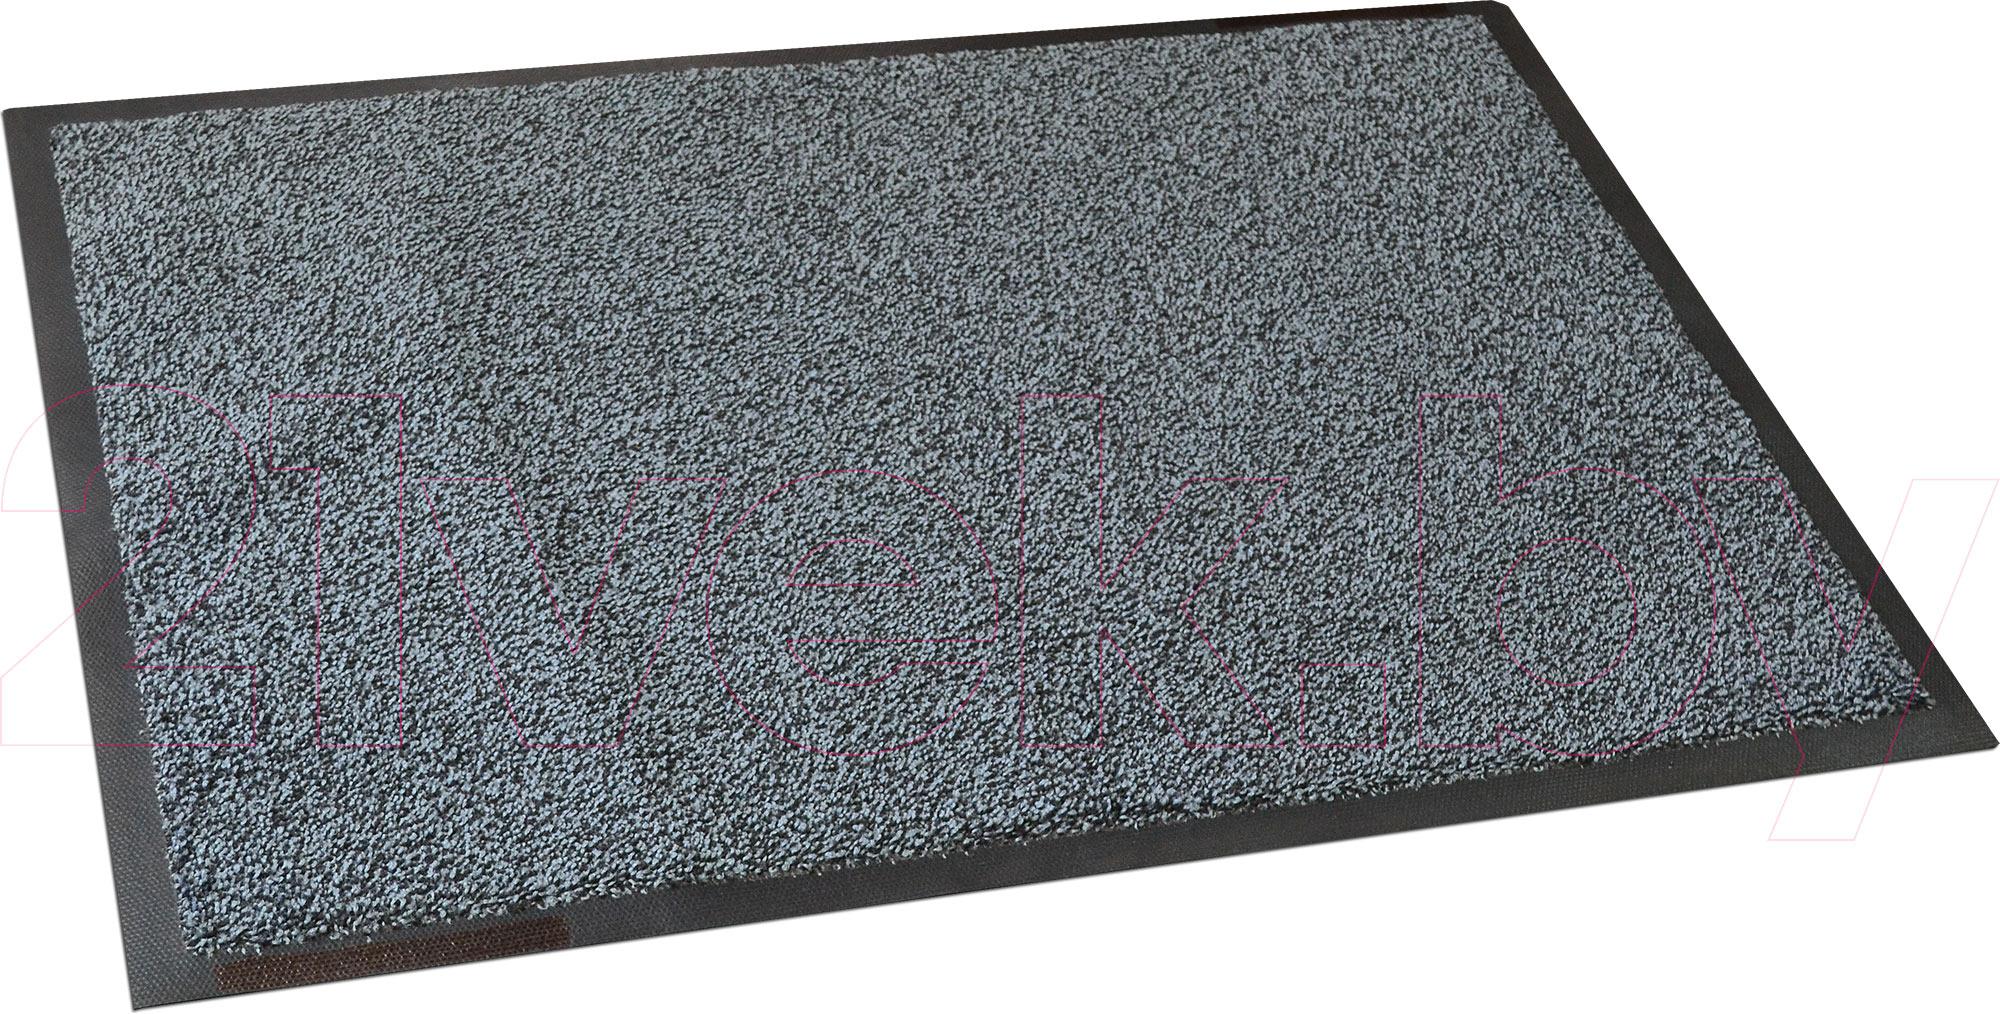 Iron Horse 150x300 (Granite) 21vek.by 3801000.000